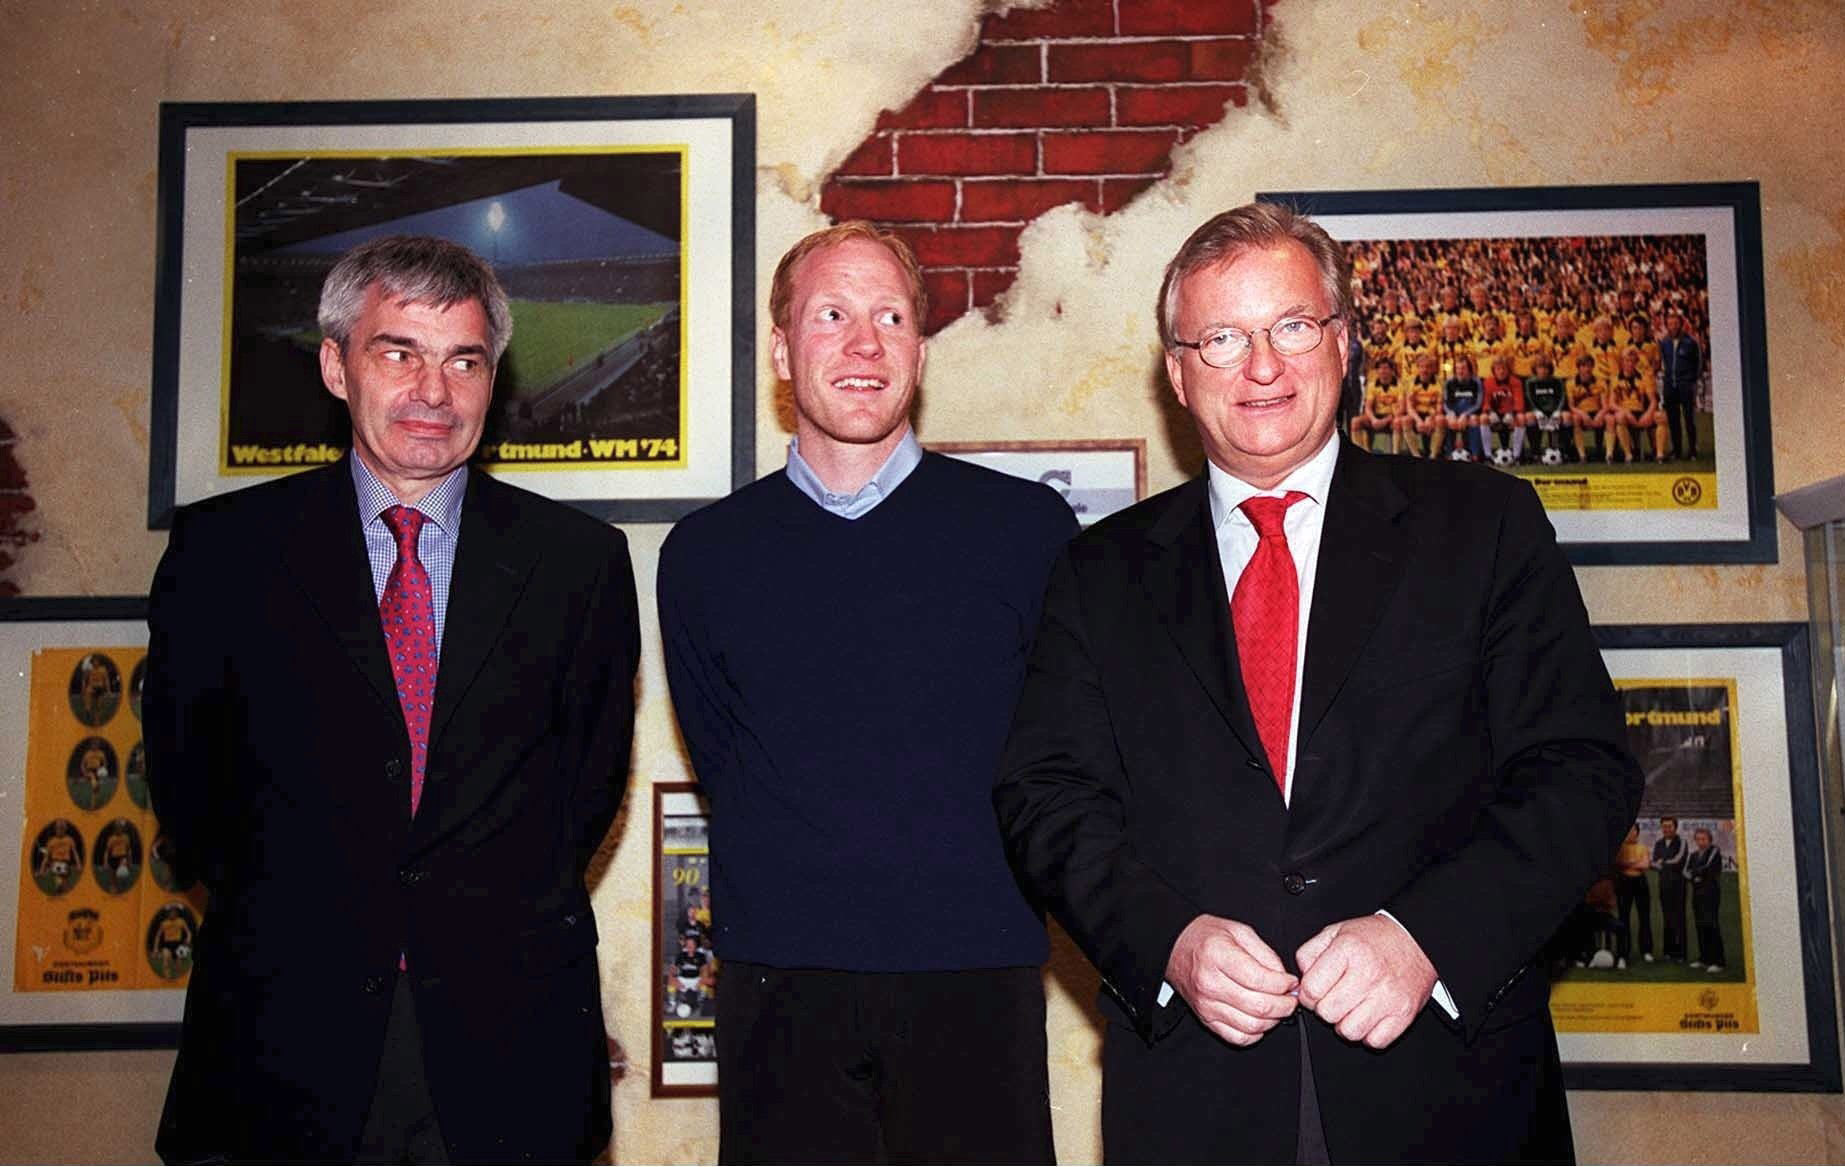 Matthias Sammer mellem Michael Meier og Gerd Niebaum. Foto: Getty Images/Christof Koepsel